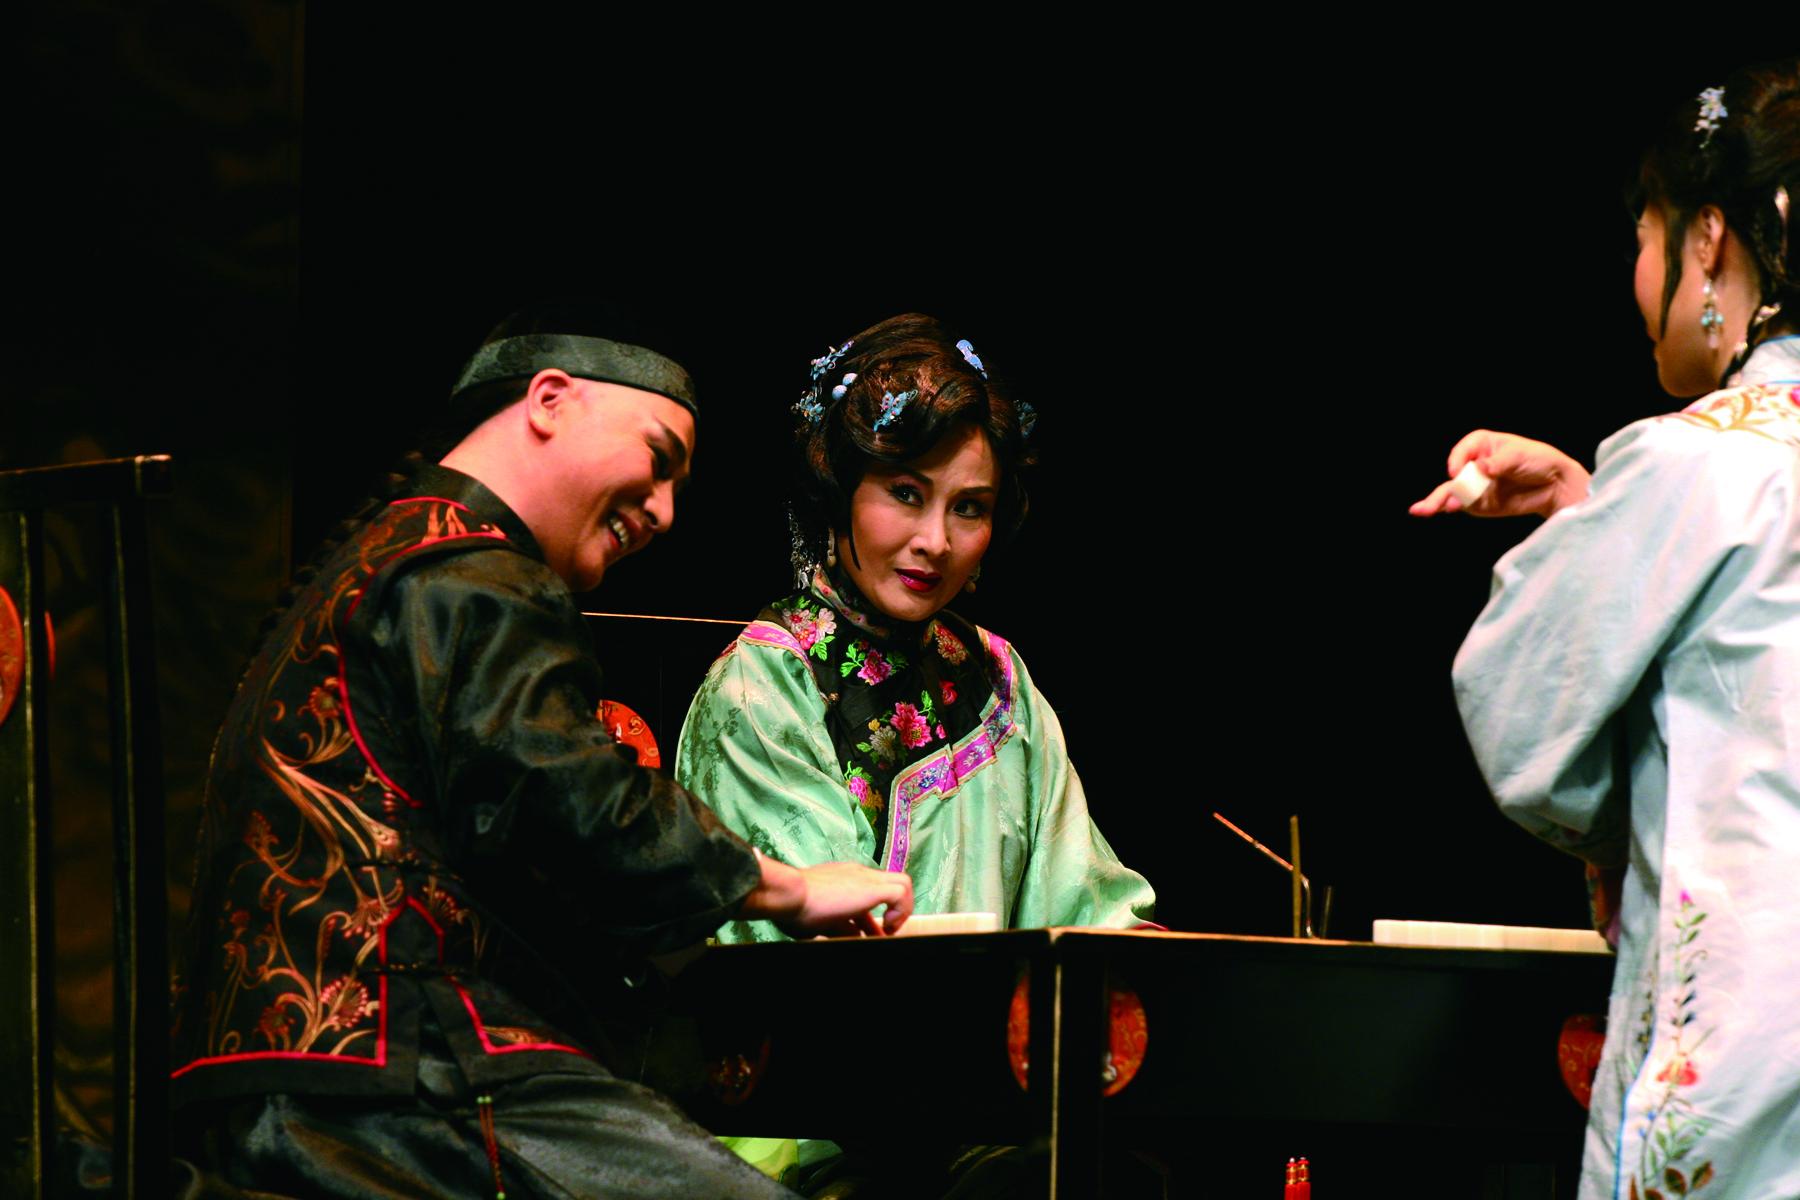 《金鎖記》的演出使國光劇團朝向文學化發展。.jpg